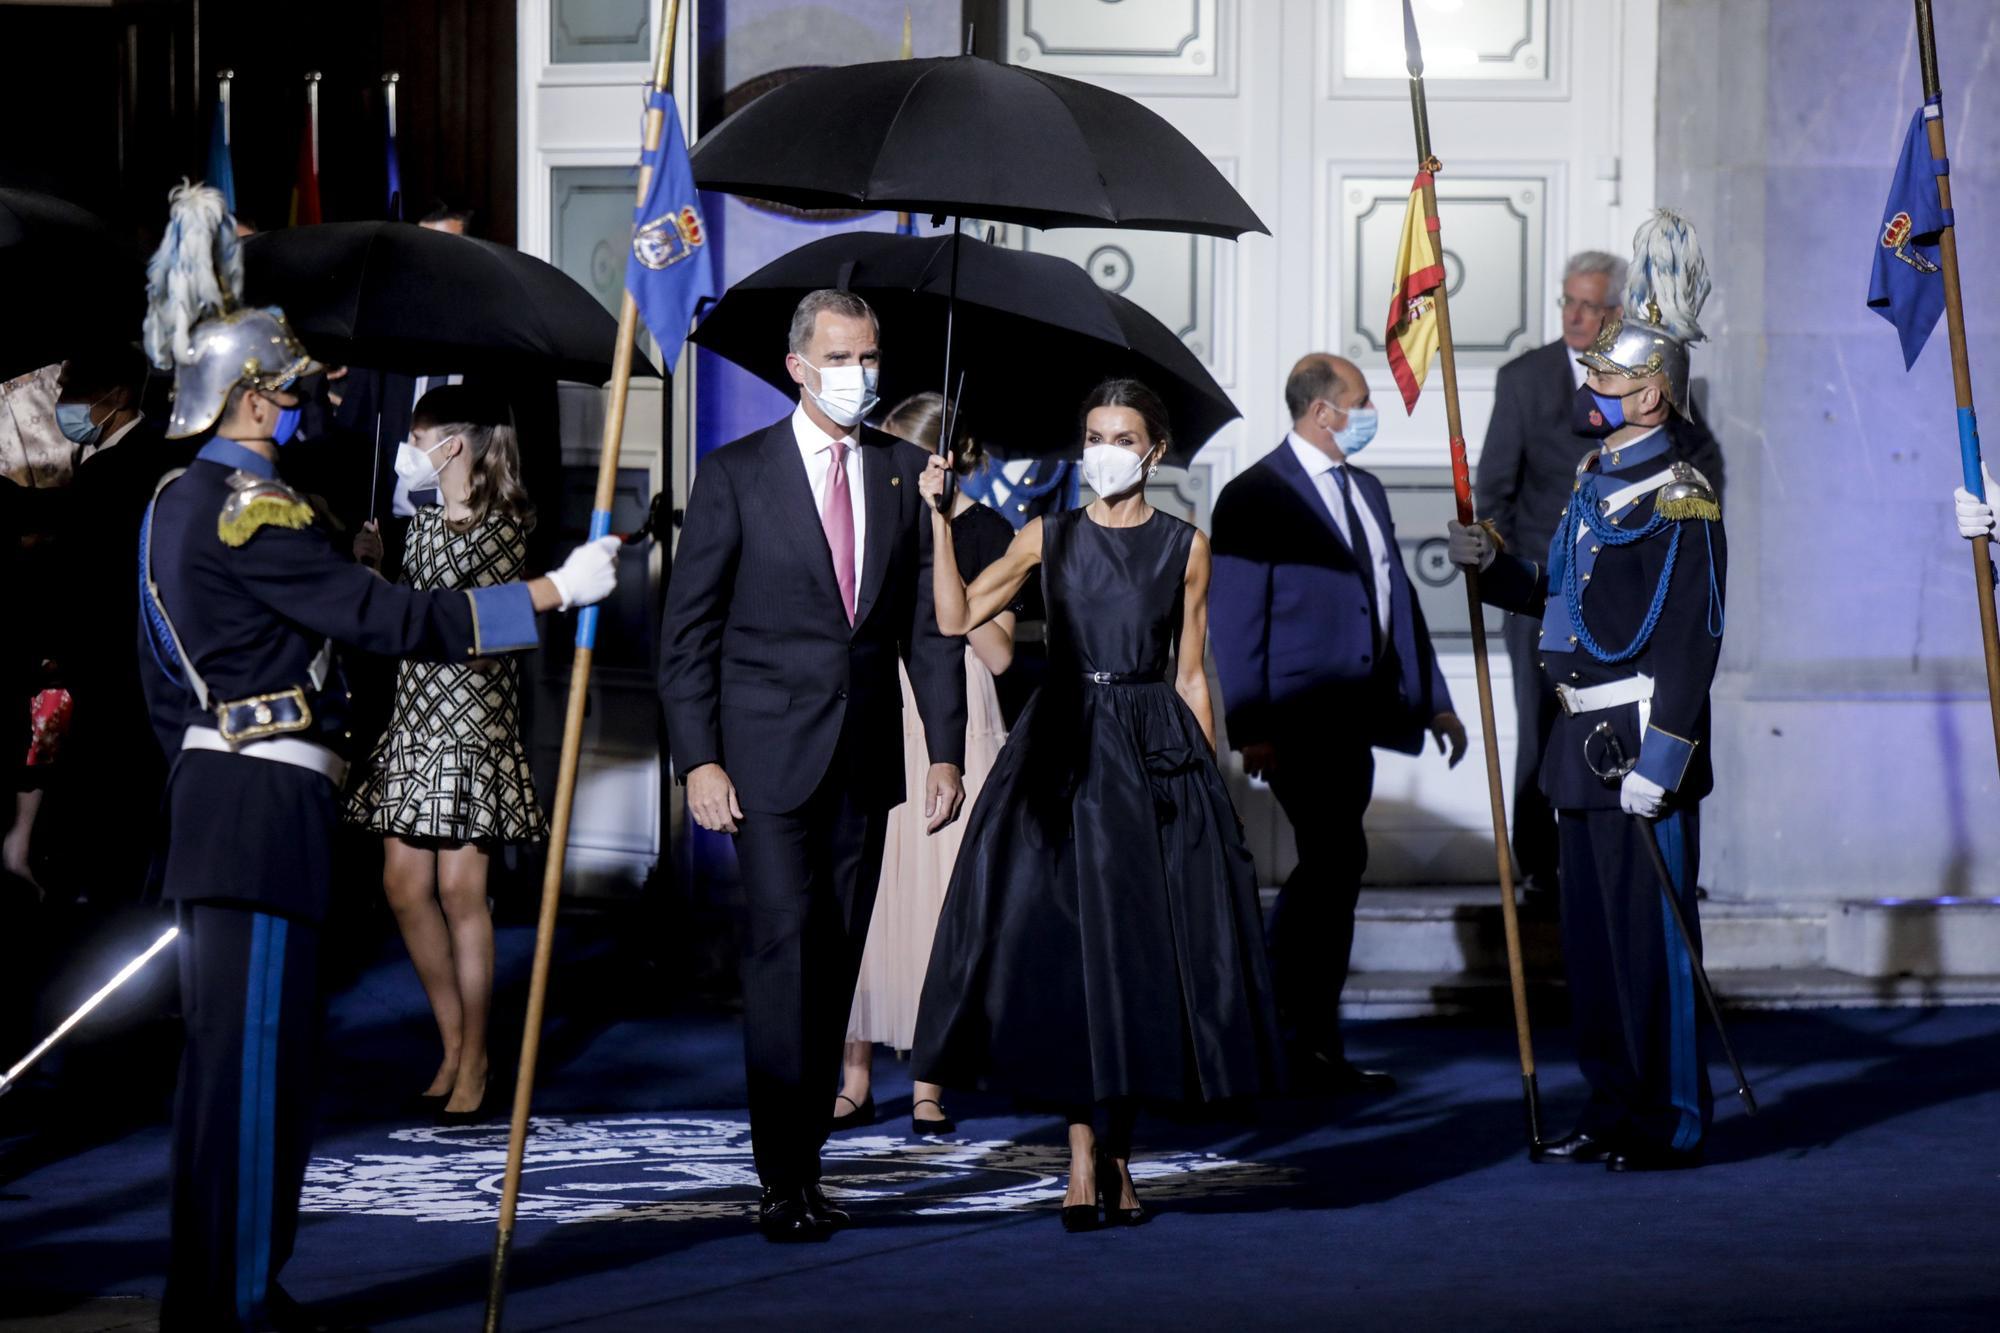 La salida del Camporamor tras la ceremonia de los Premios Princesa de Asturias